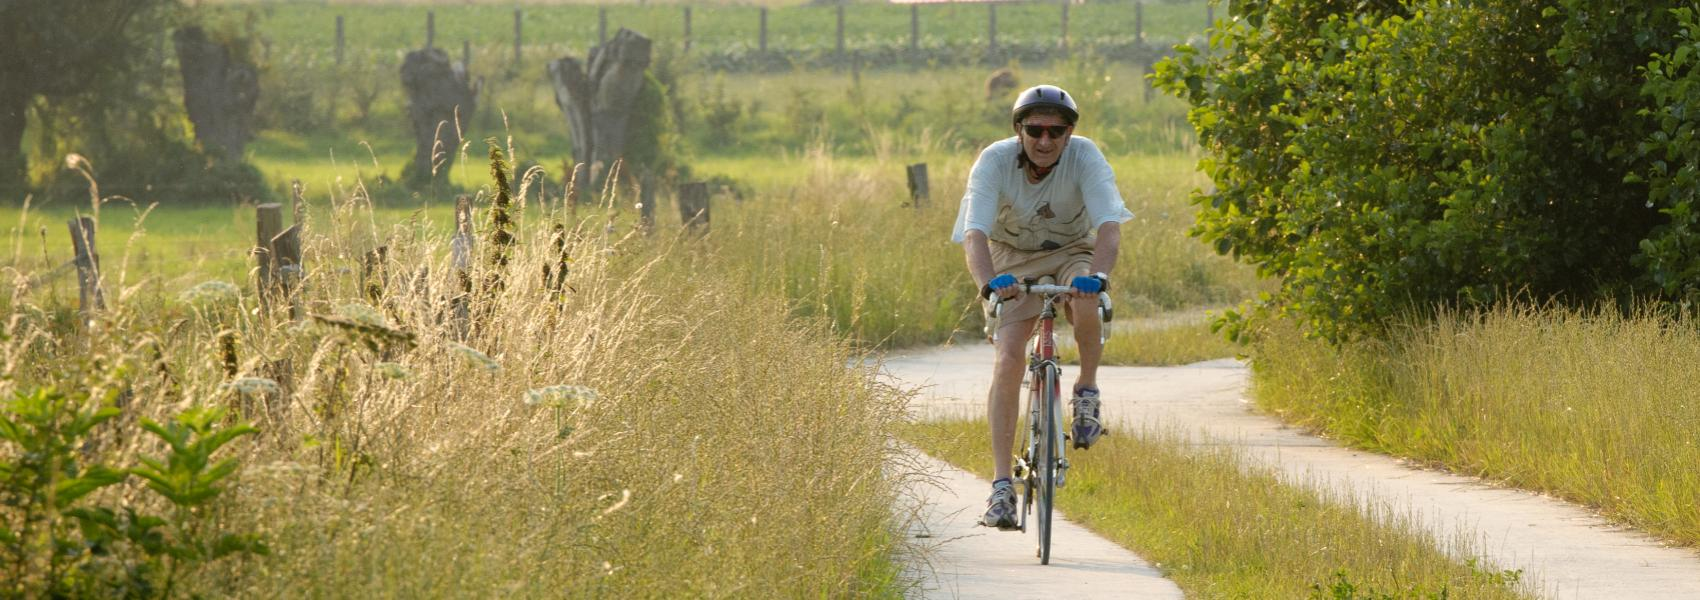 fietser in het landschap